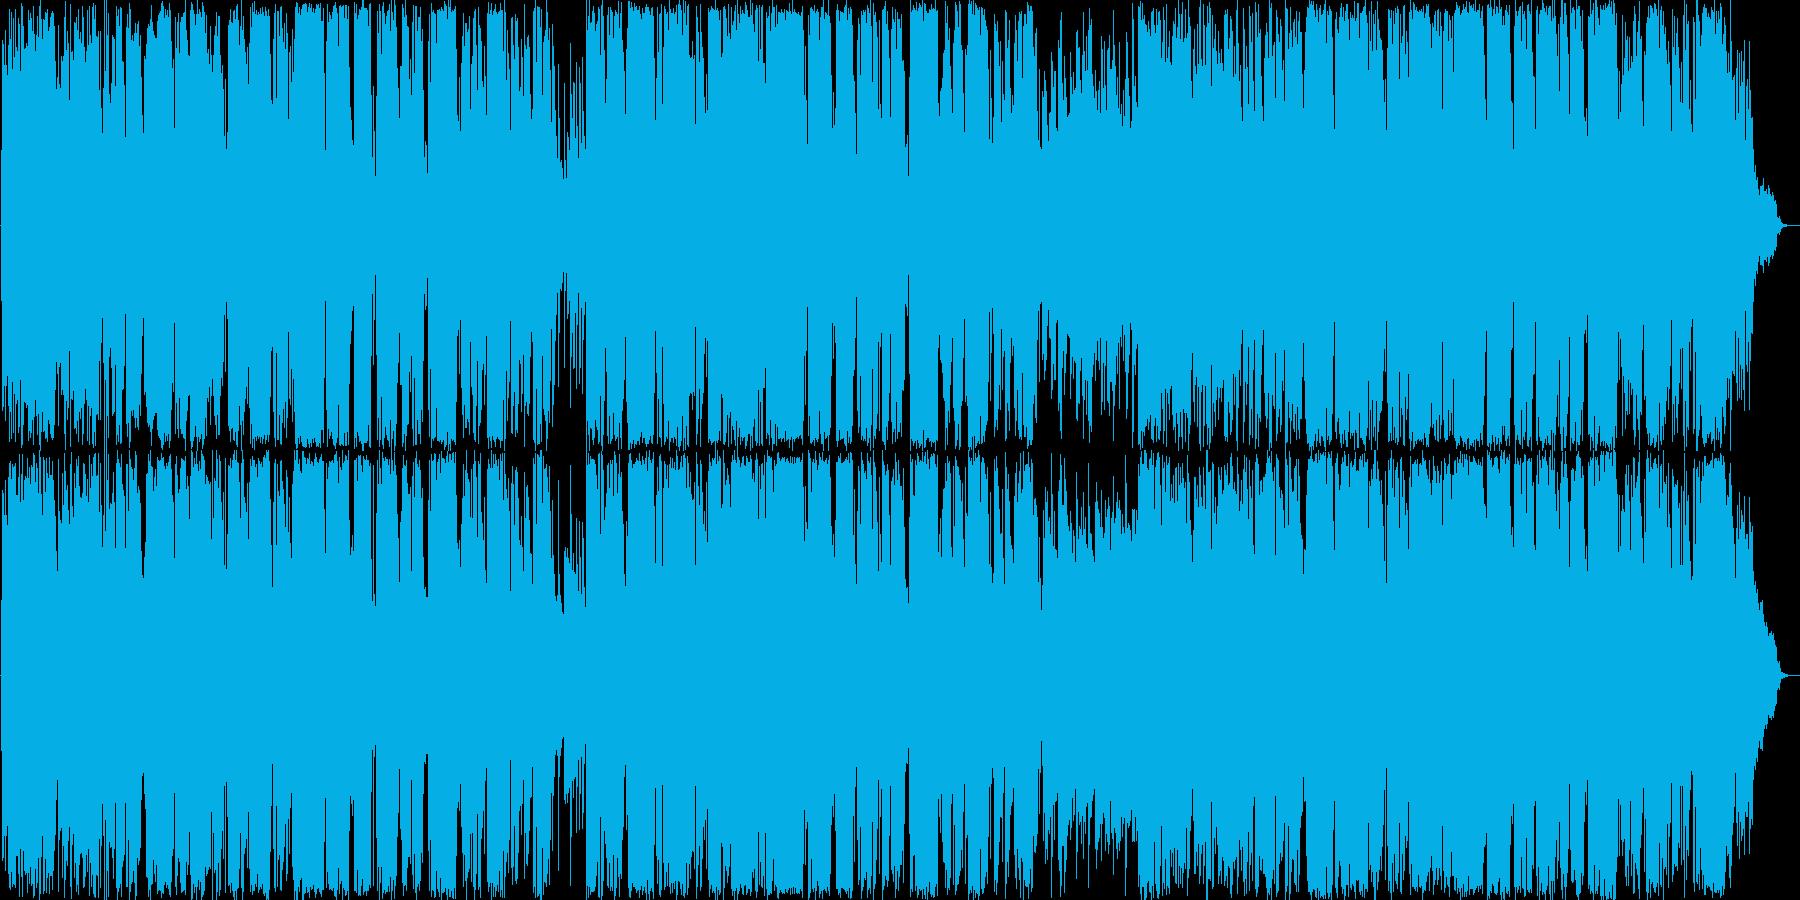 同窓会をテーマにした楽曲ですの再生済みの波形